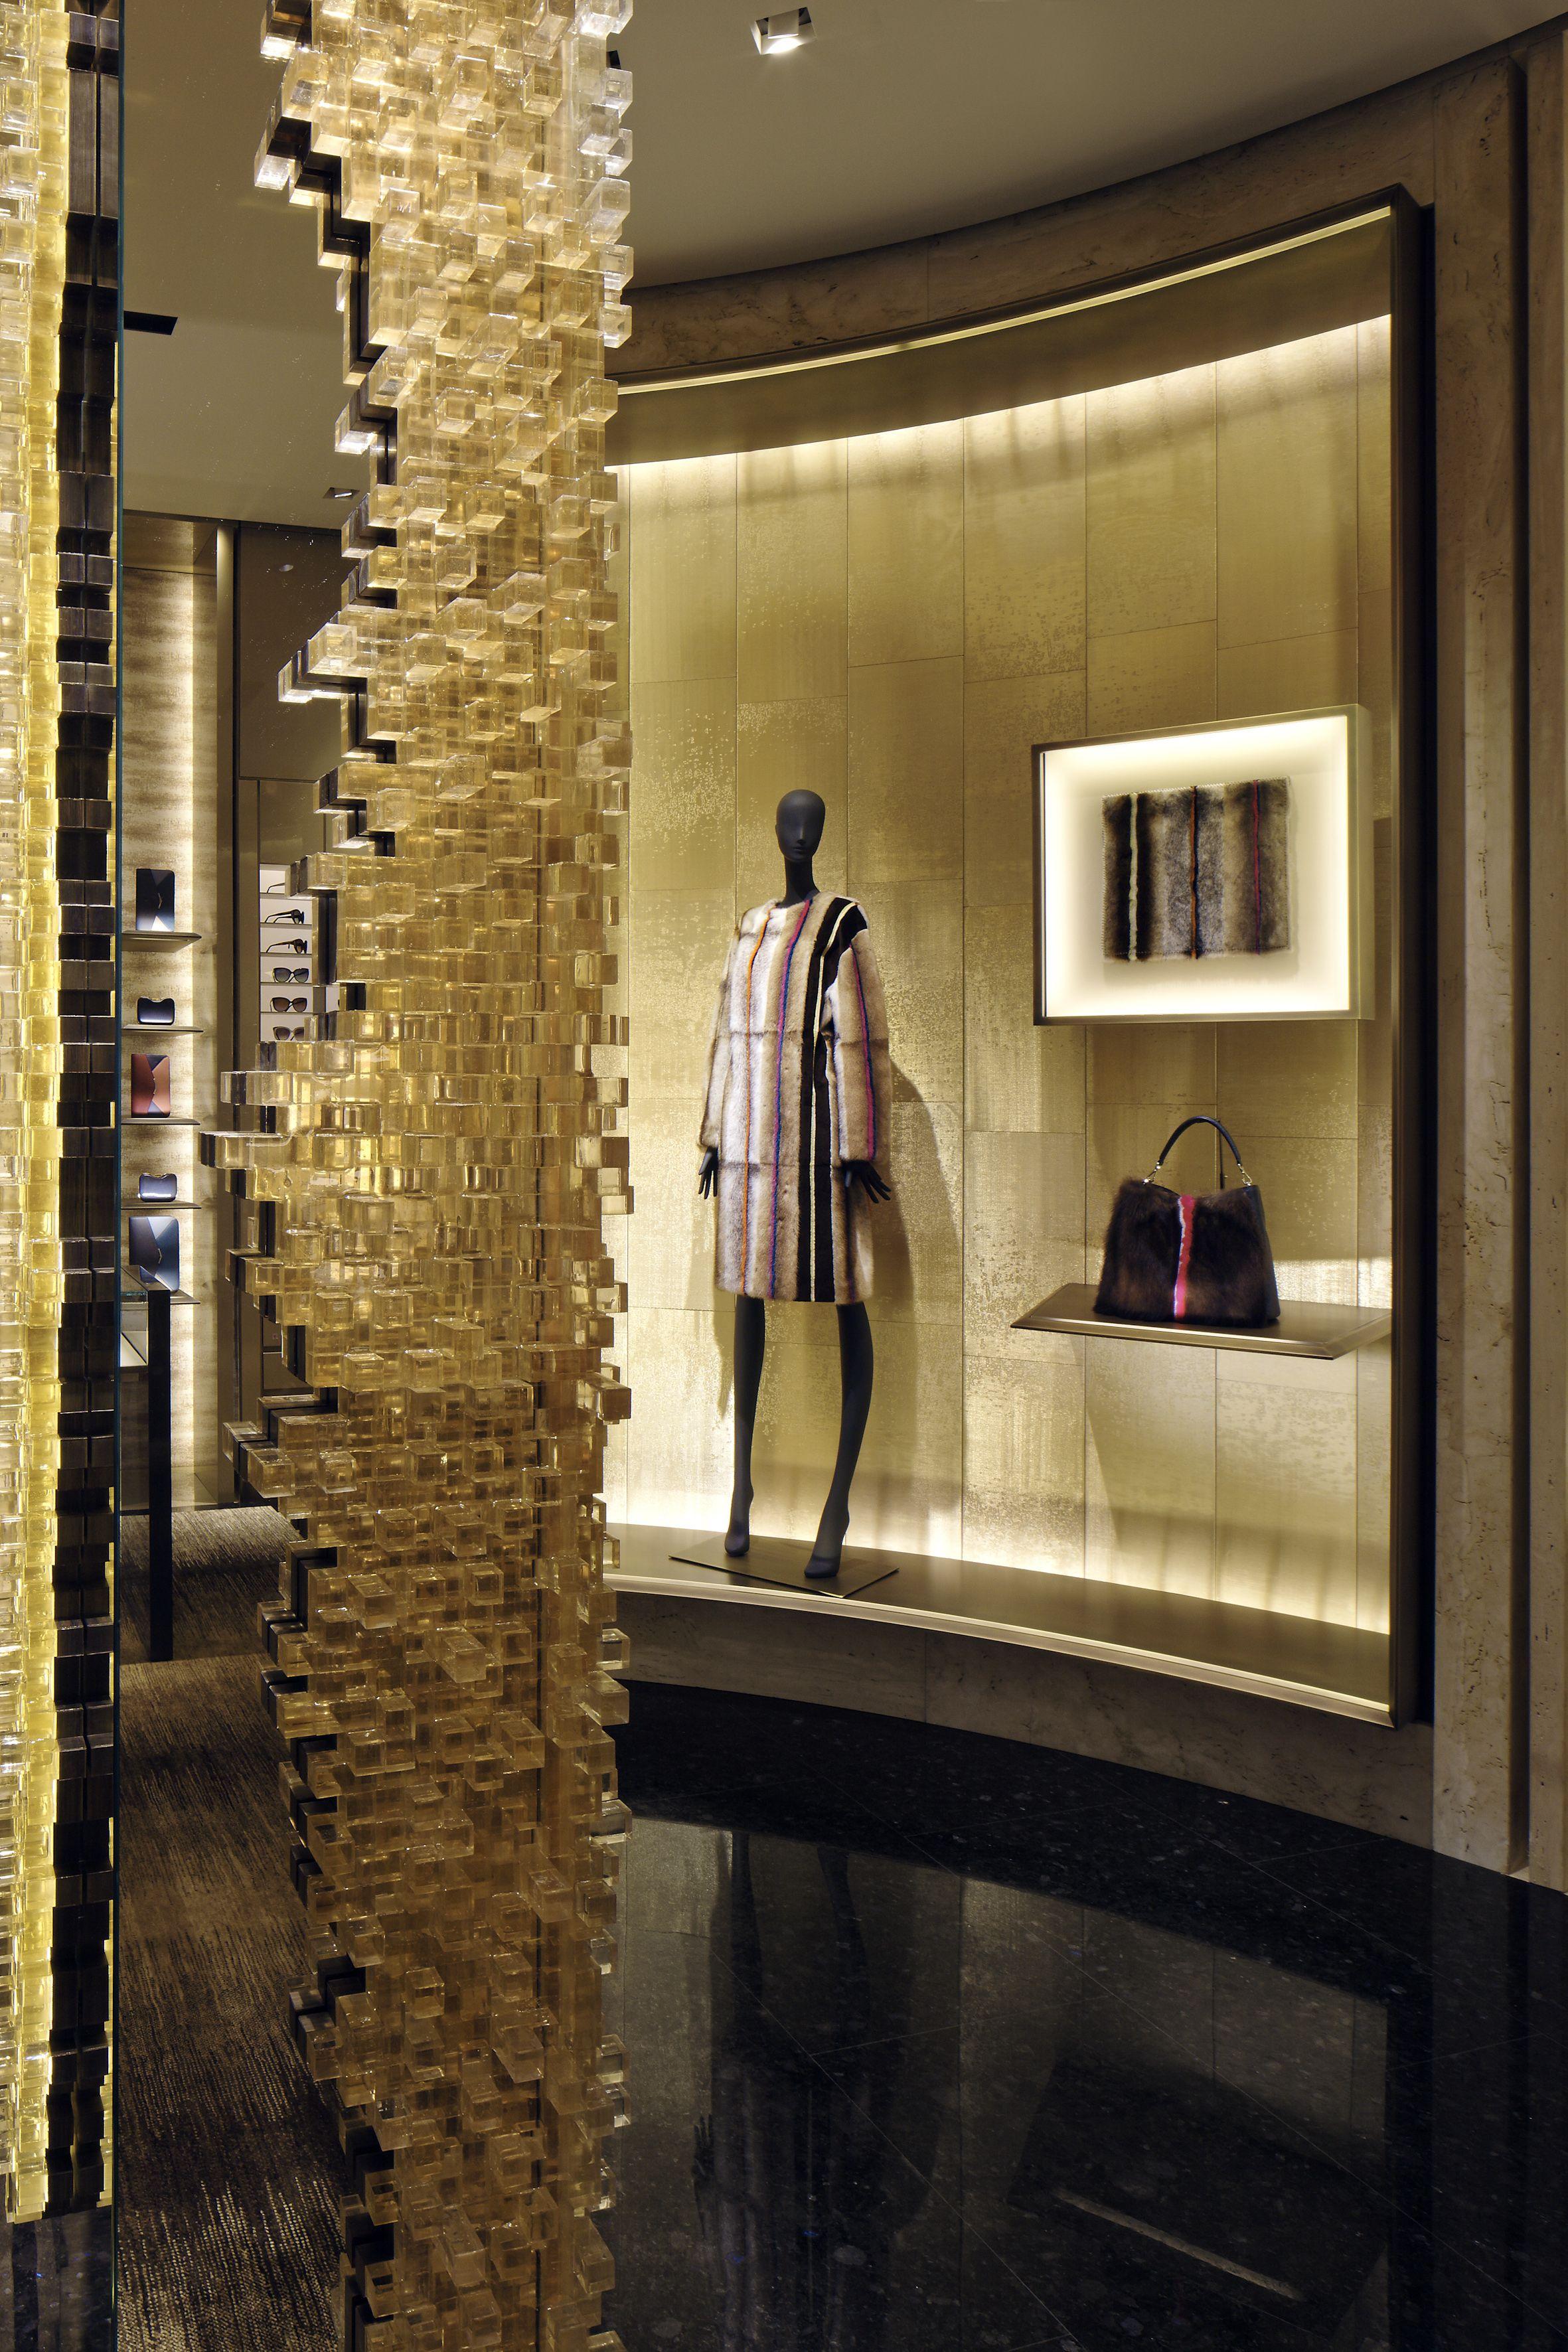 The new fendi boutique in milan progettazione design for Riviste di interior design